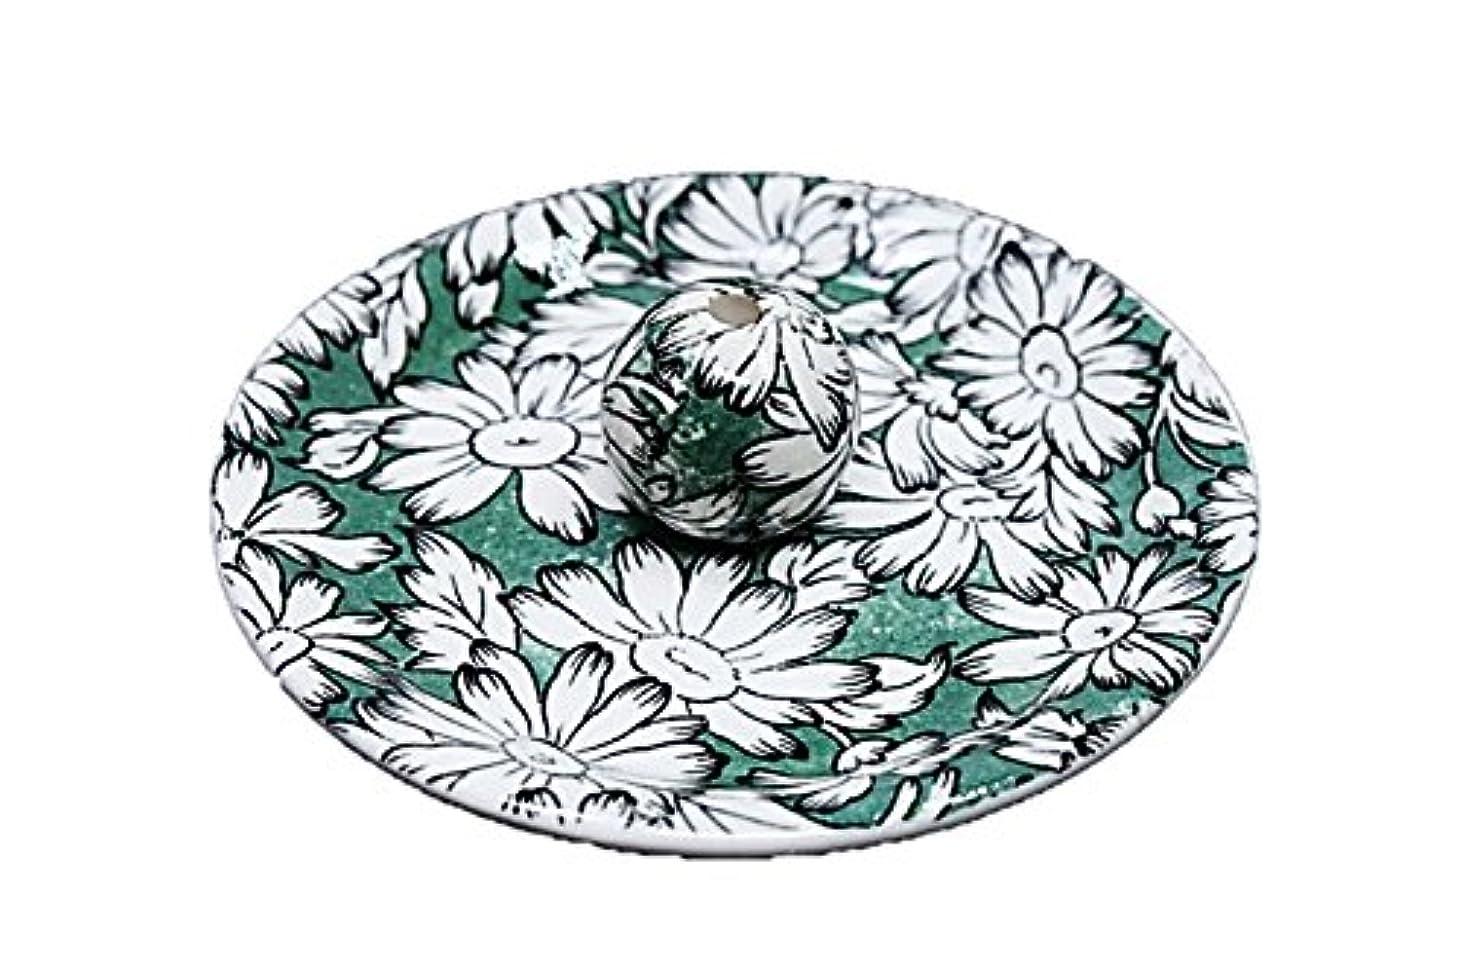 ケントりスキム9-10 マーガレットグリーン 9cm香皿 お香立て お香たて 陶器 日本製 製造?直売品